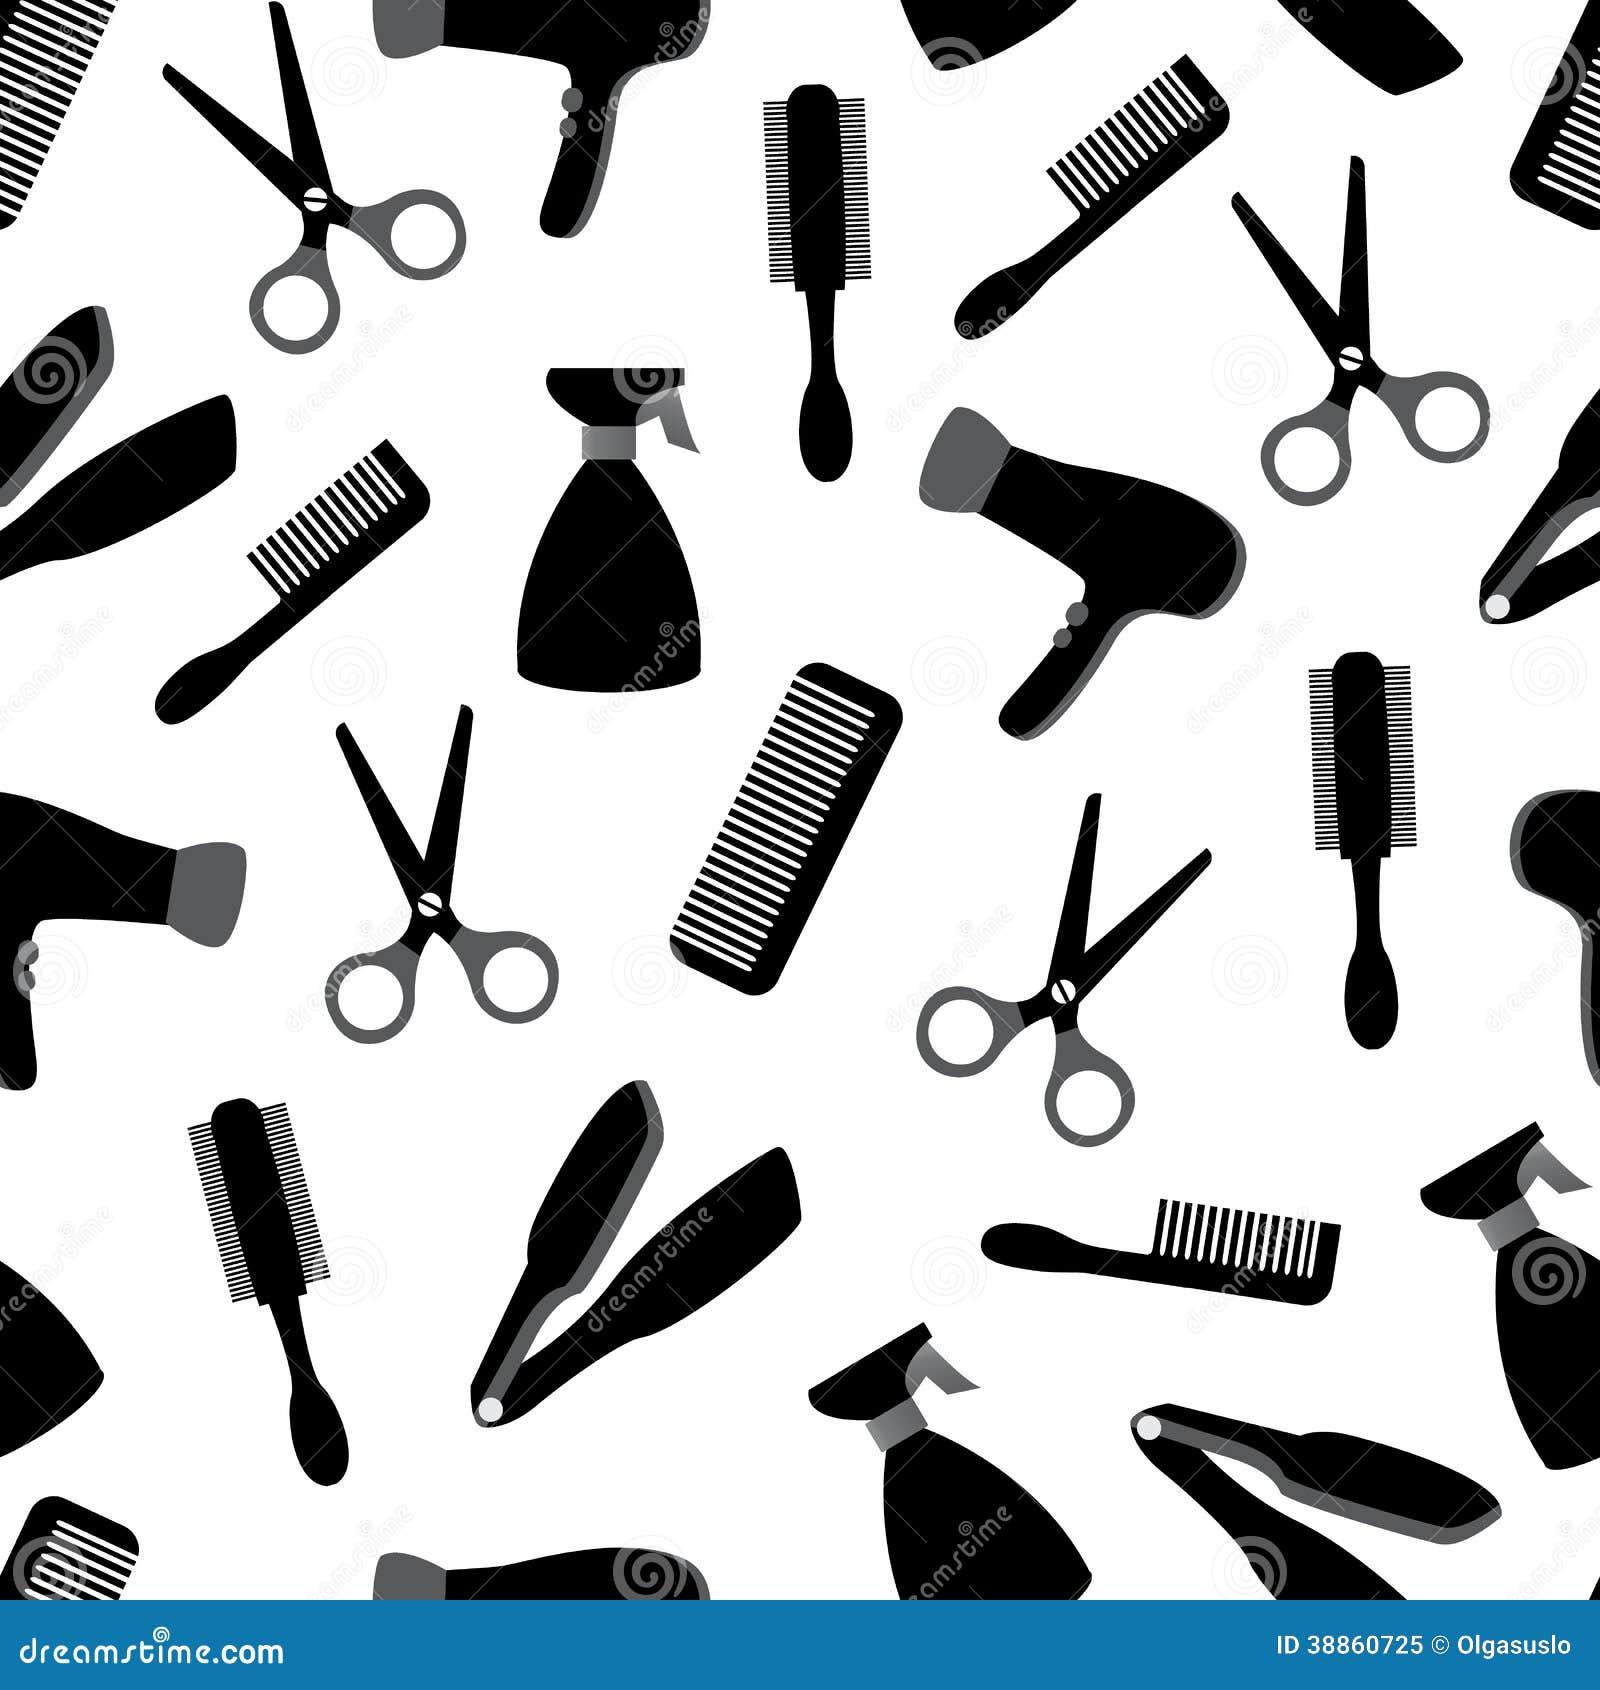 barber background-#19